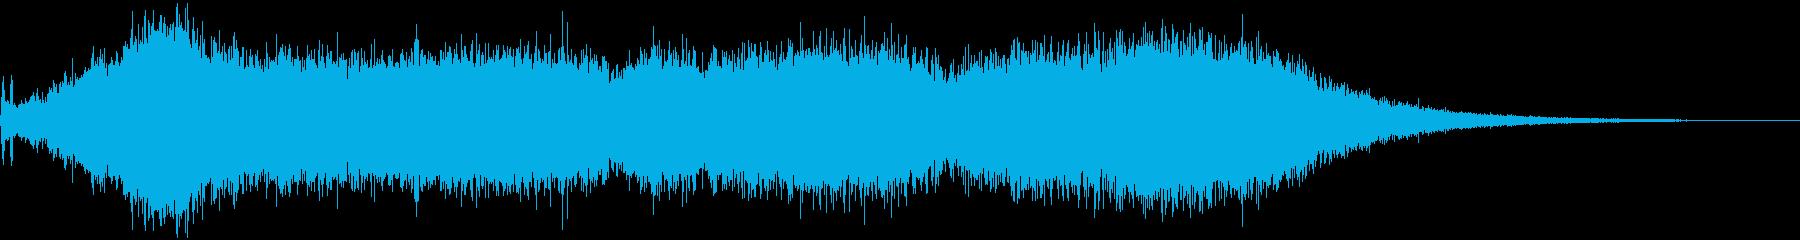 電気のこぎり:高音域での安定したモ...の再生済みの波形